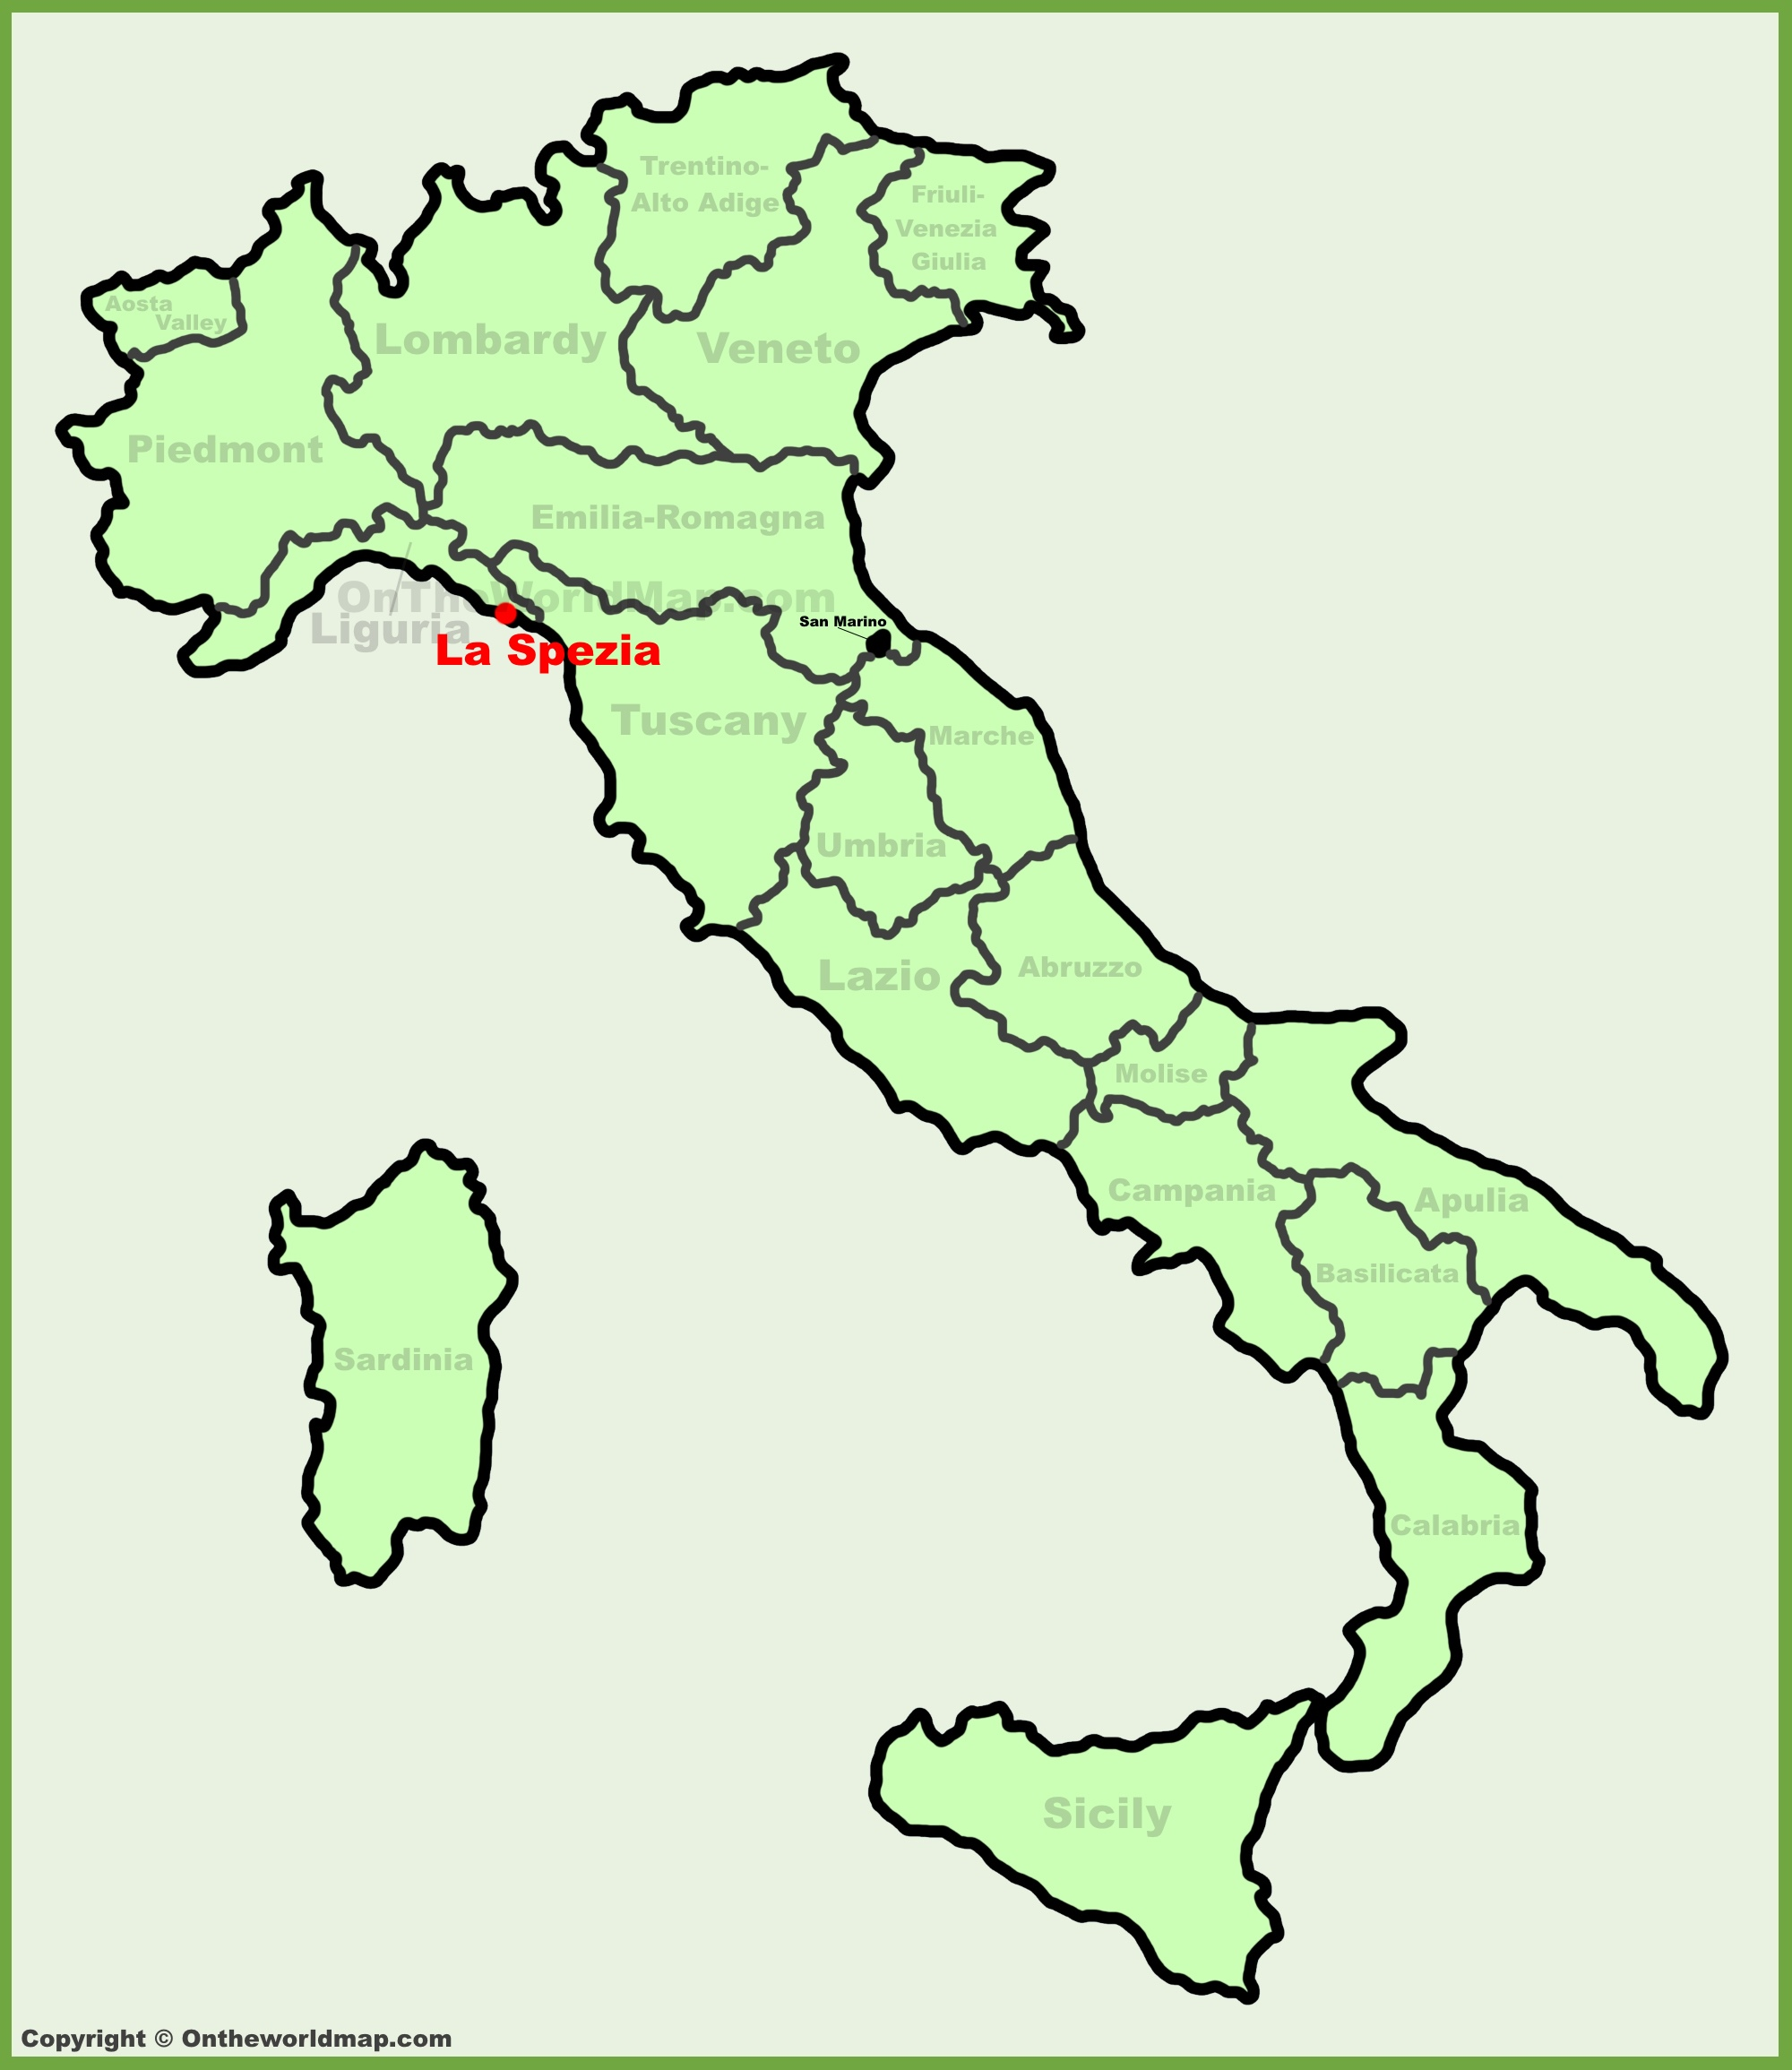 Cartina Italia La Spezia.La Spezia Maps Italy Maps Of La Spezia